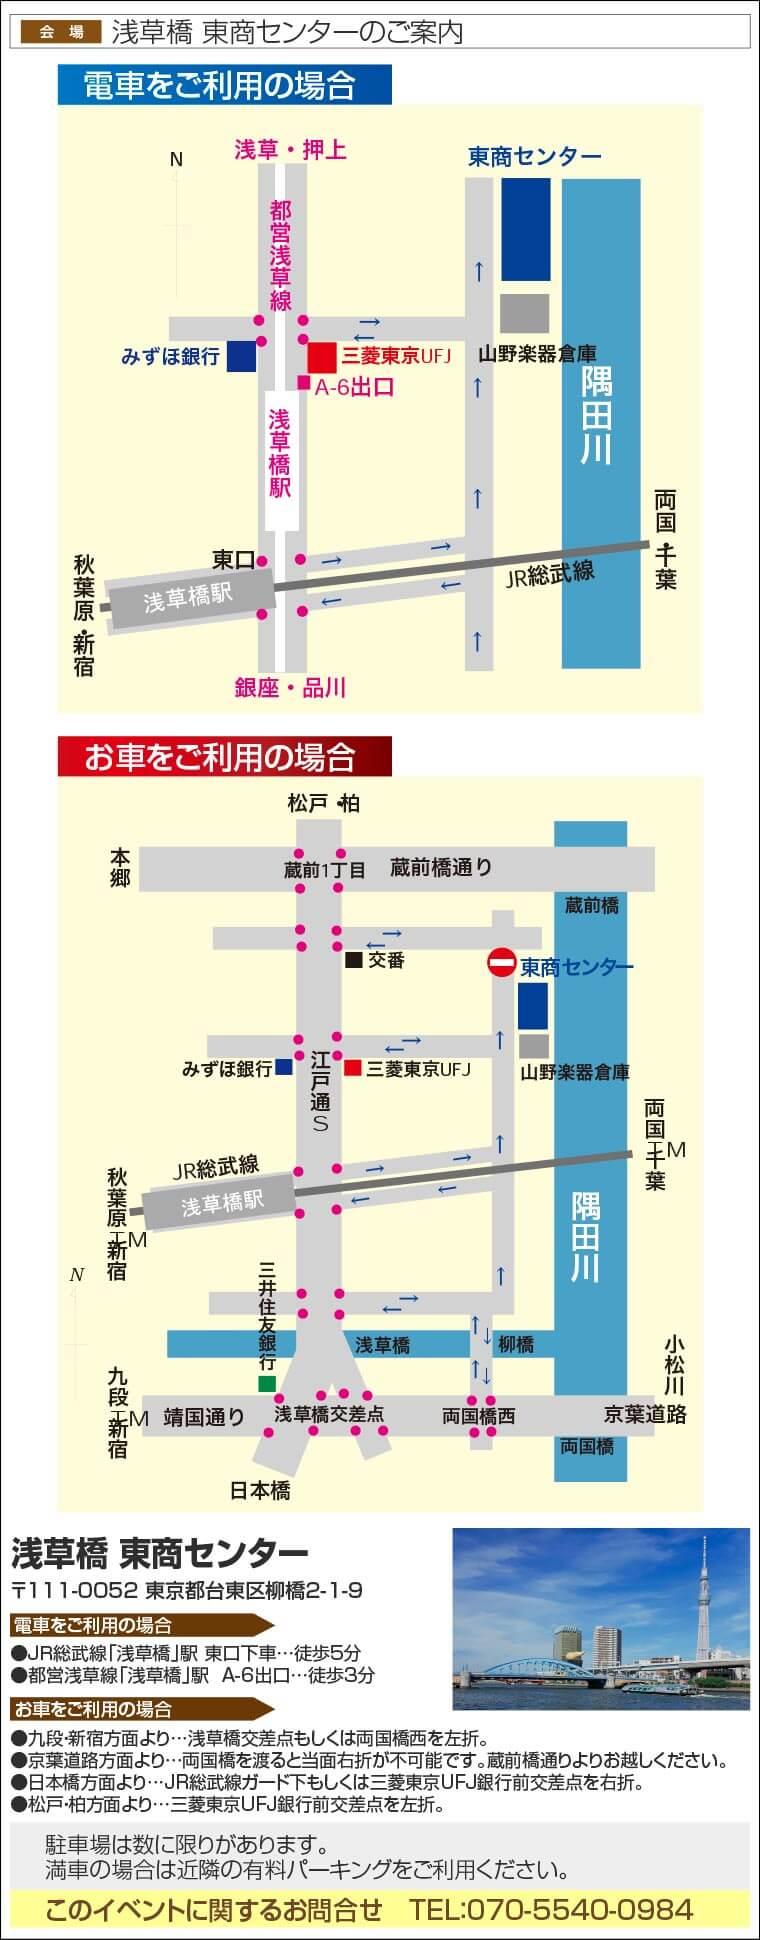 浅草橋 東商センターへのアクセス